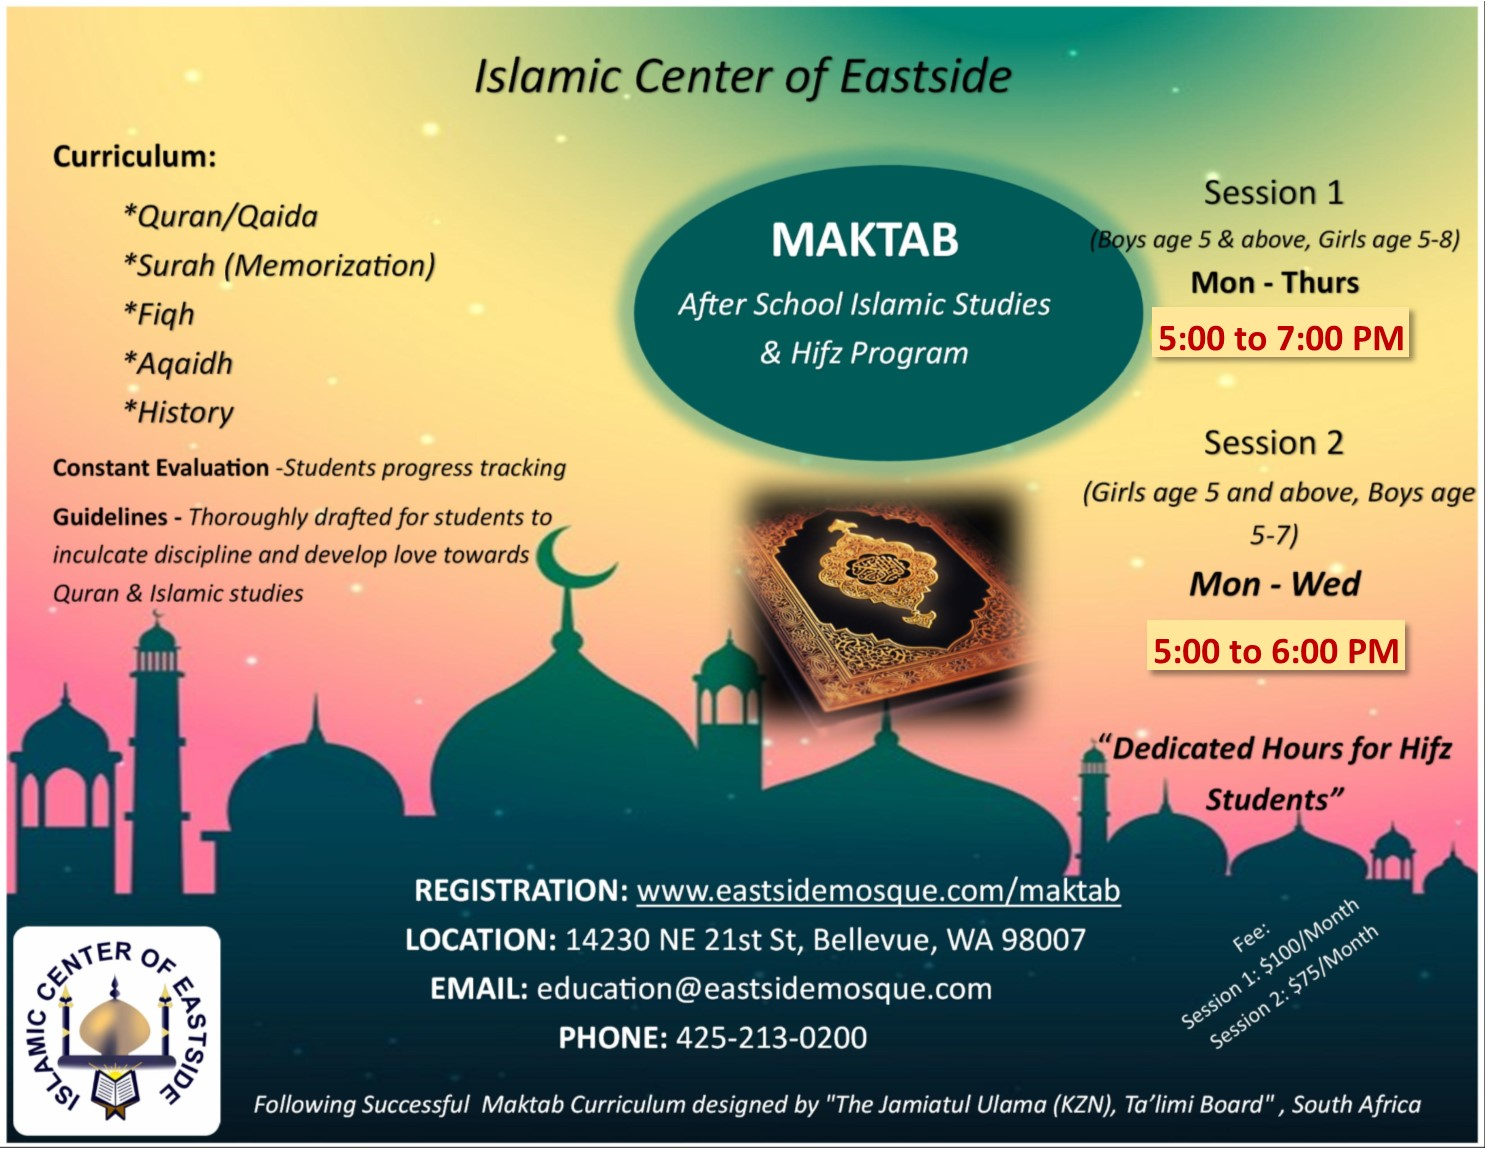 Islamic Center of Eastside (Bellevue Masjid)